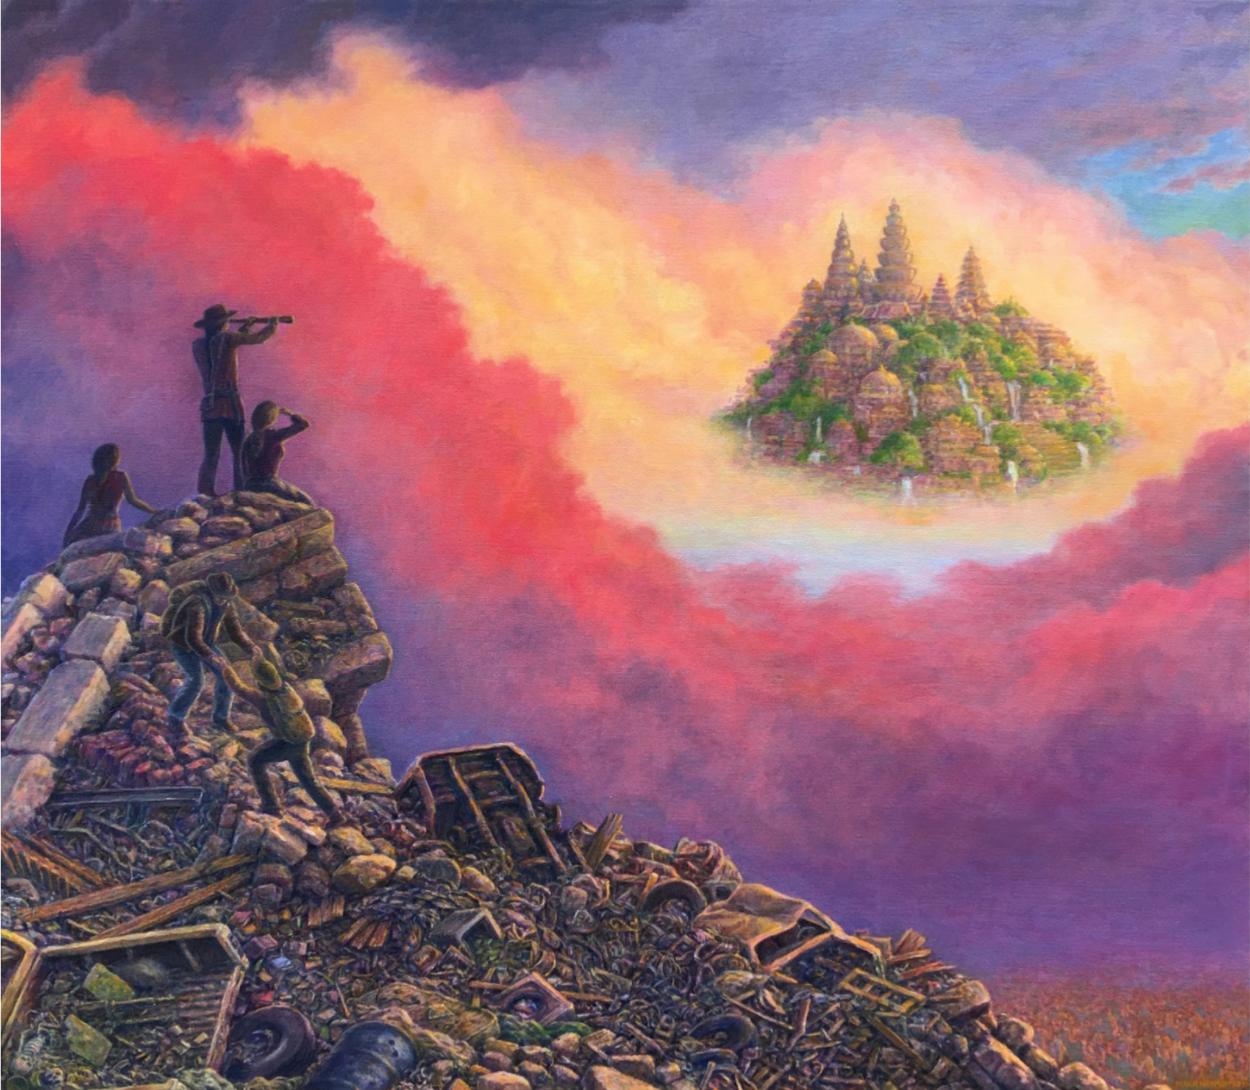 """Mark Henson, """"Lost Horizon"""", 2020, Oil on Hemp, 28 x 32 inches"""